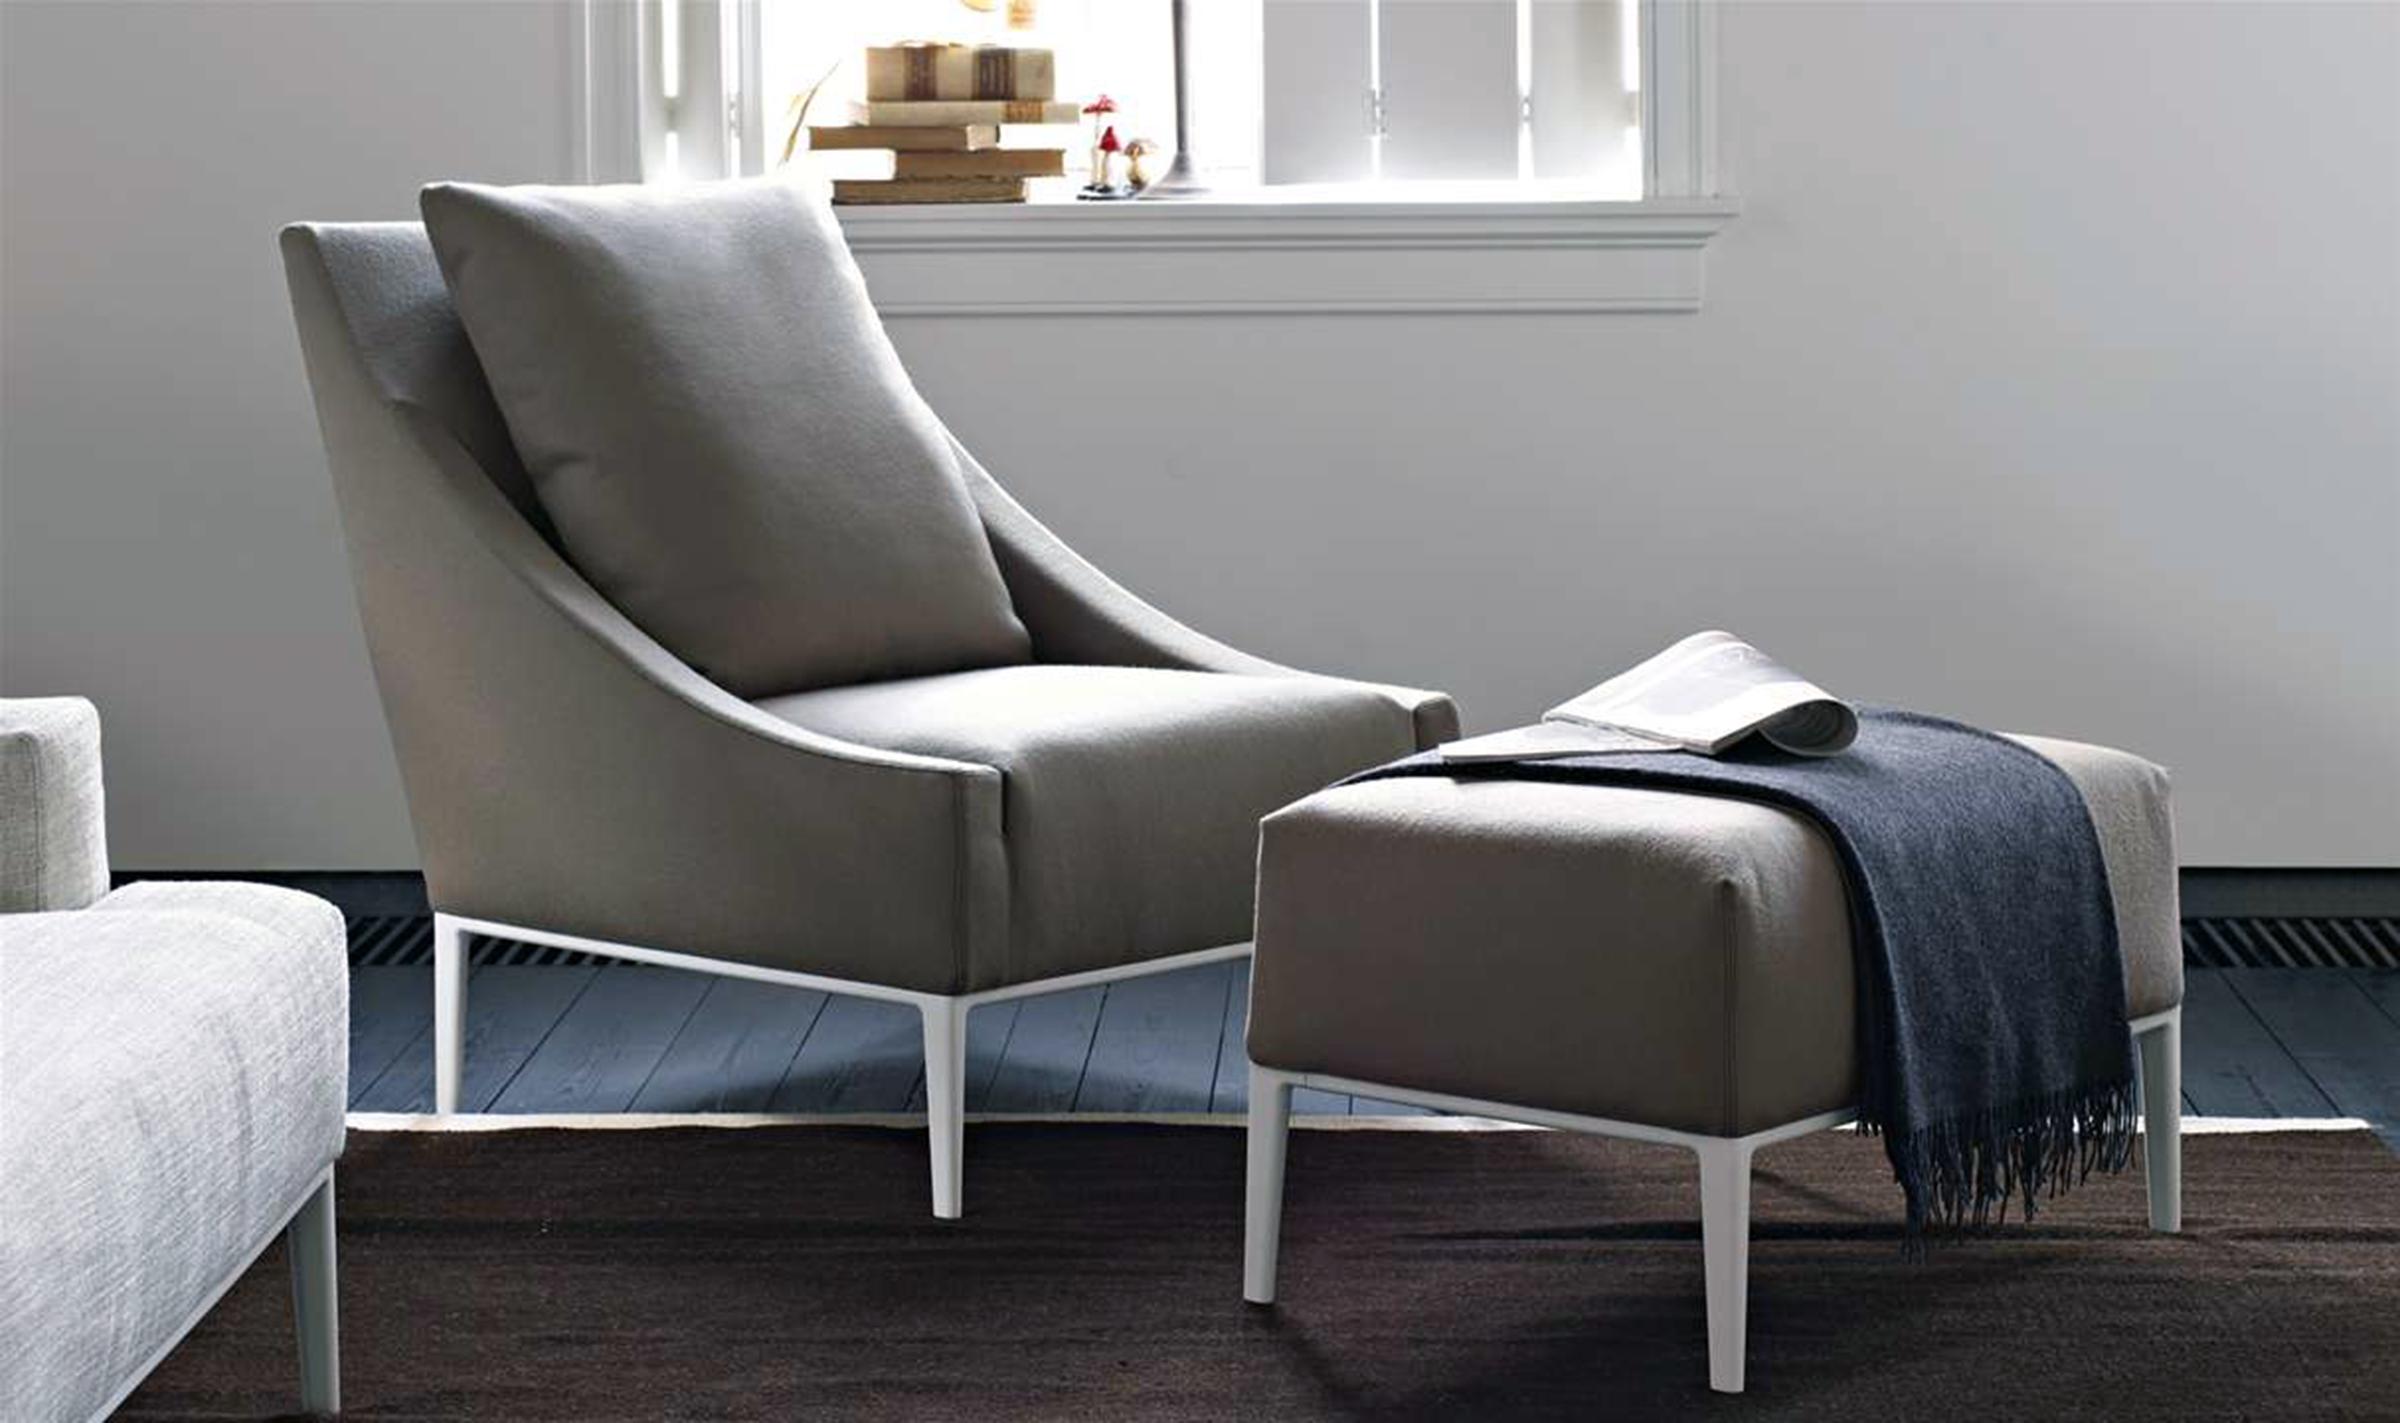 Designapplause Jean Seat System Antonio Citterio